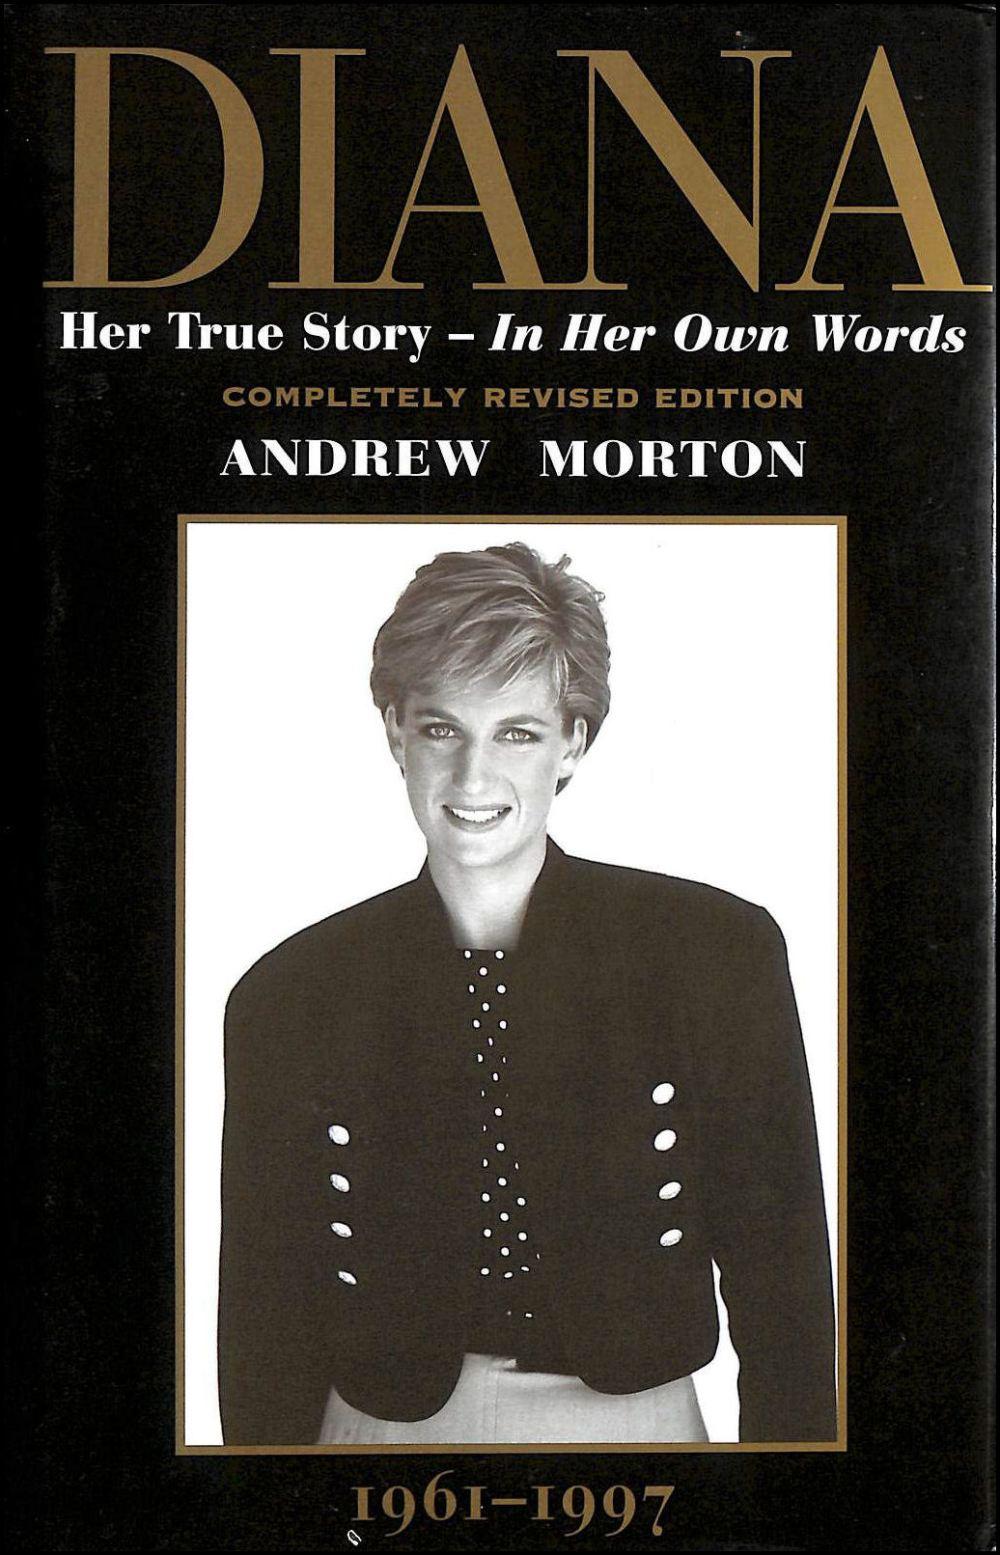 Diana's20DA1_AndrewMortonBook